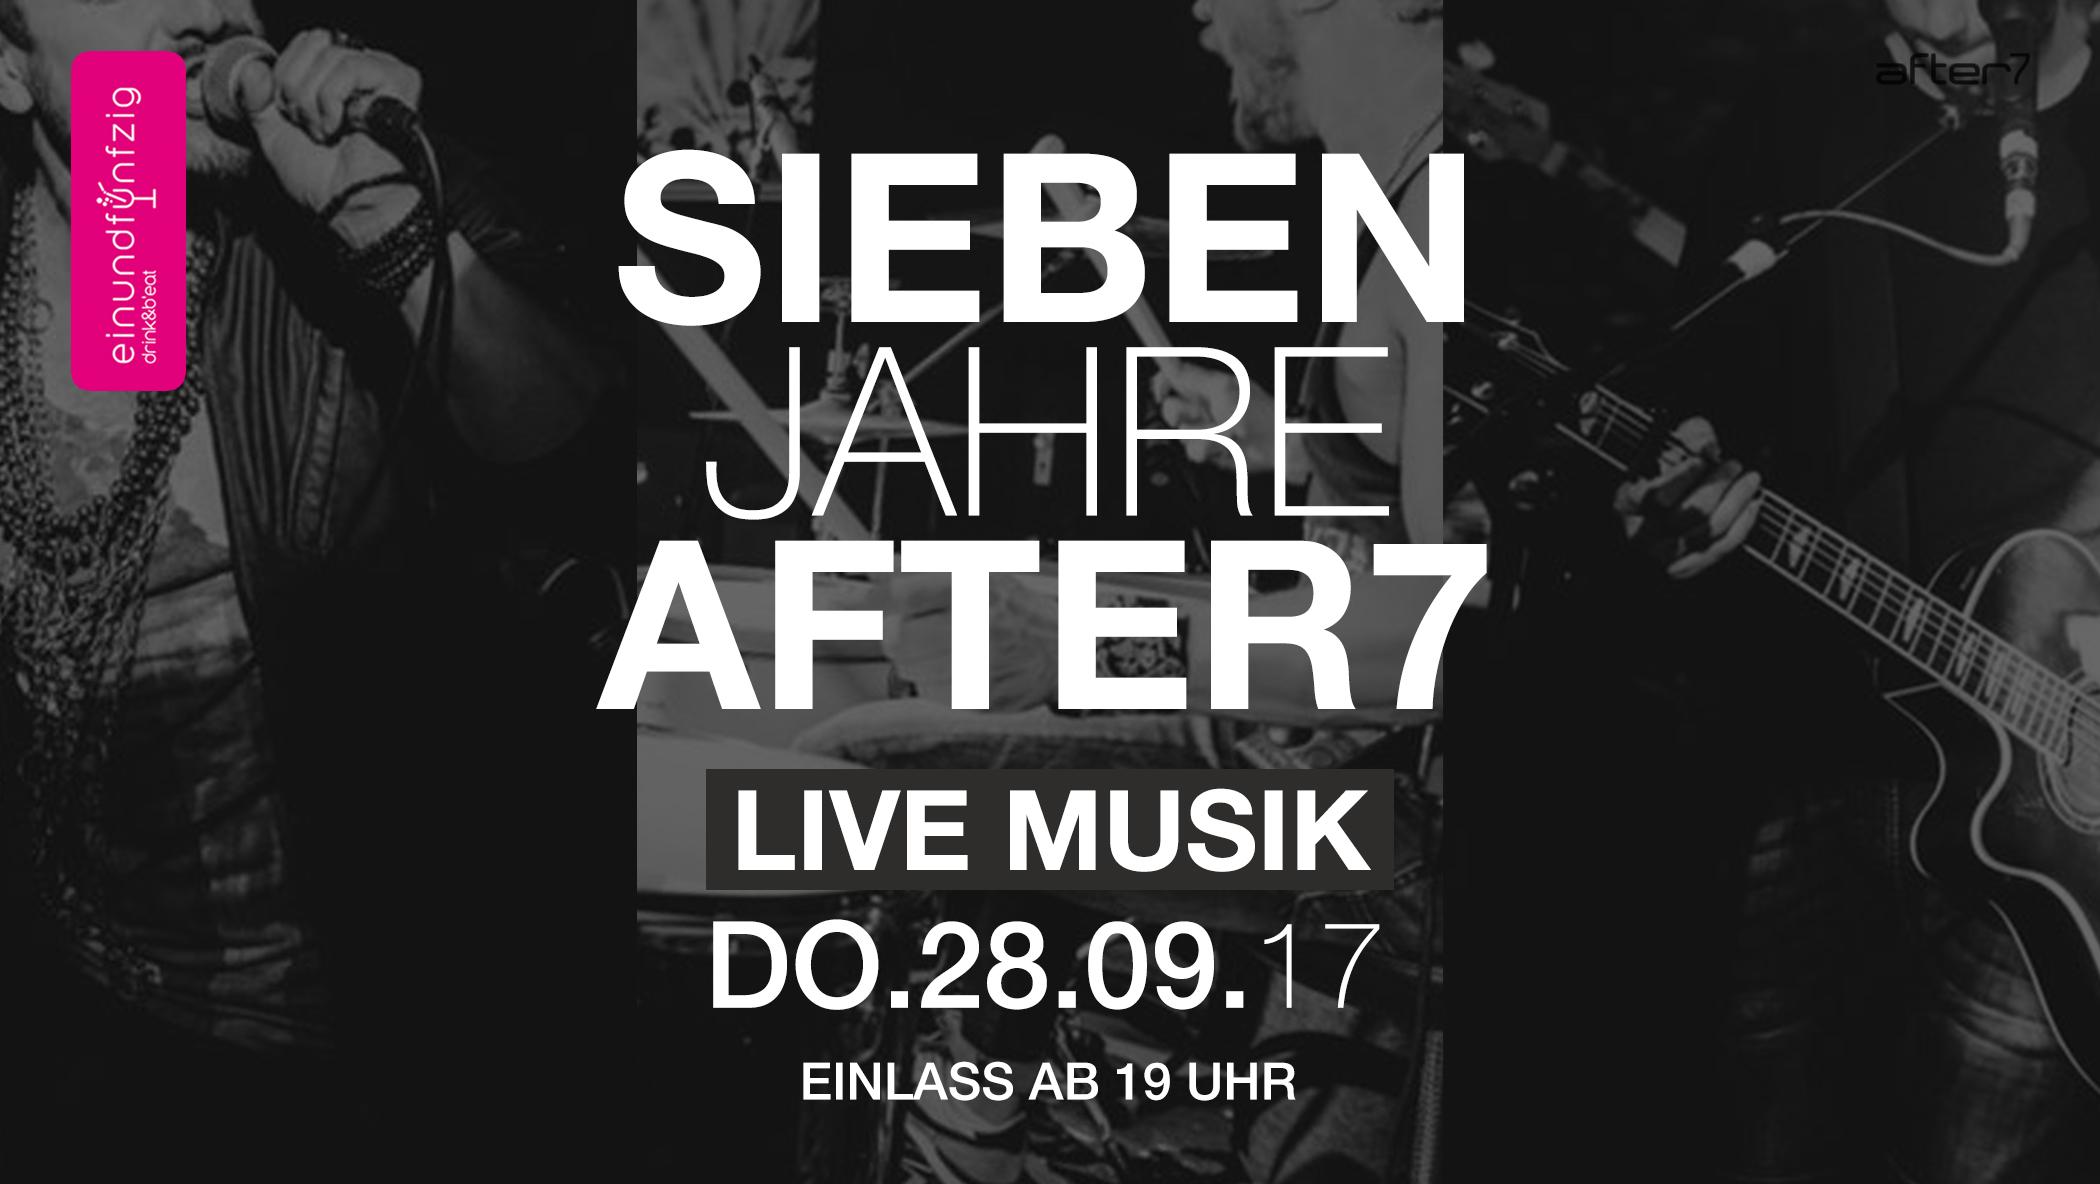 28.09.2017 – Sieben Jahre After7